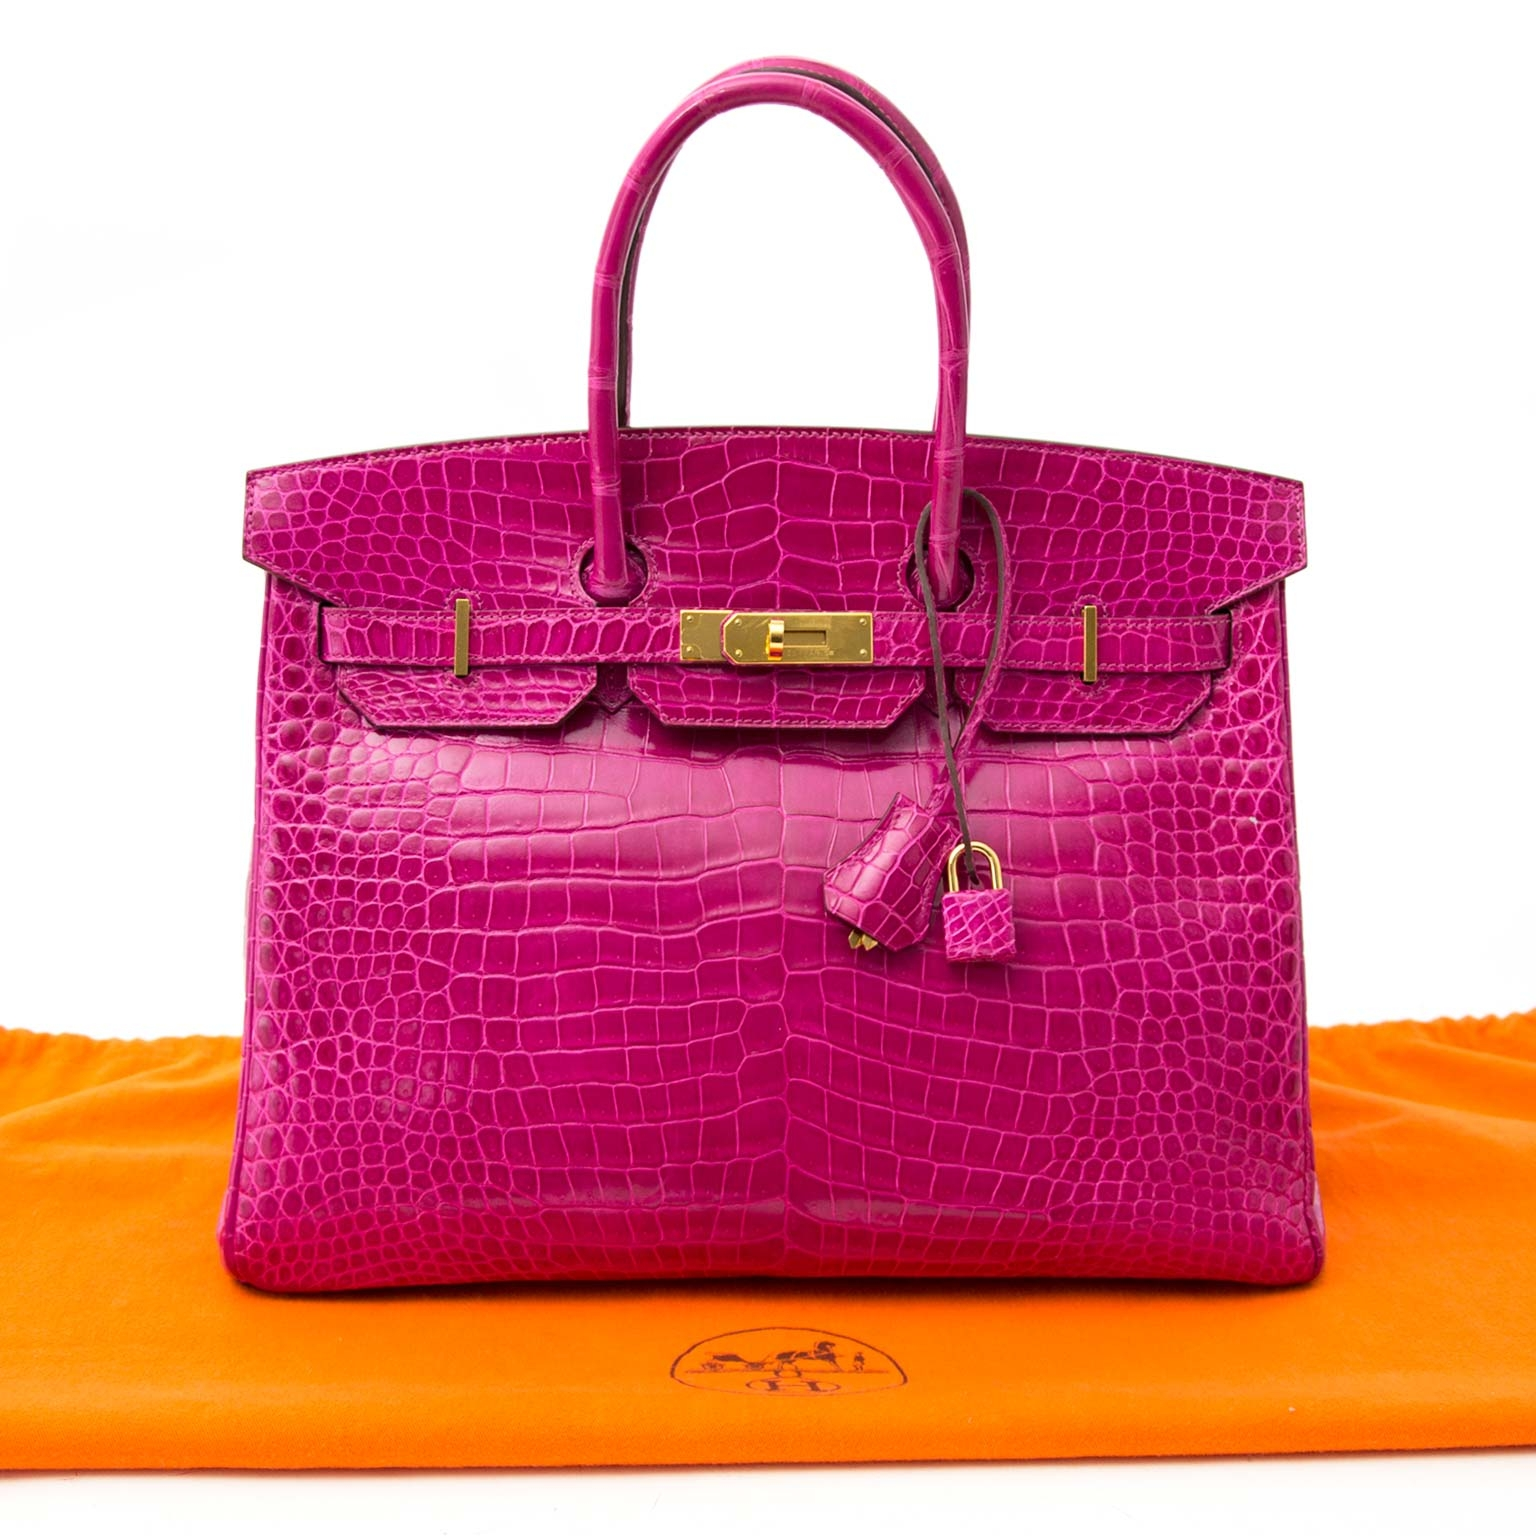 buy safe and secure online at labellov.com Hermès Birkin 35 rose sheherazade porosus ghw